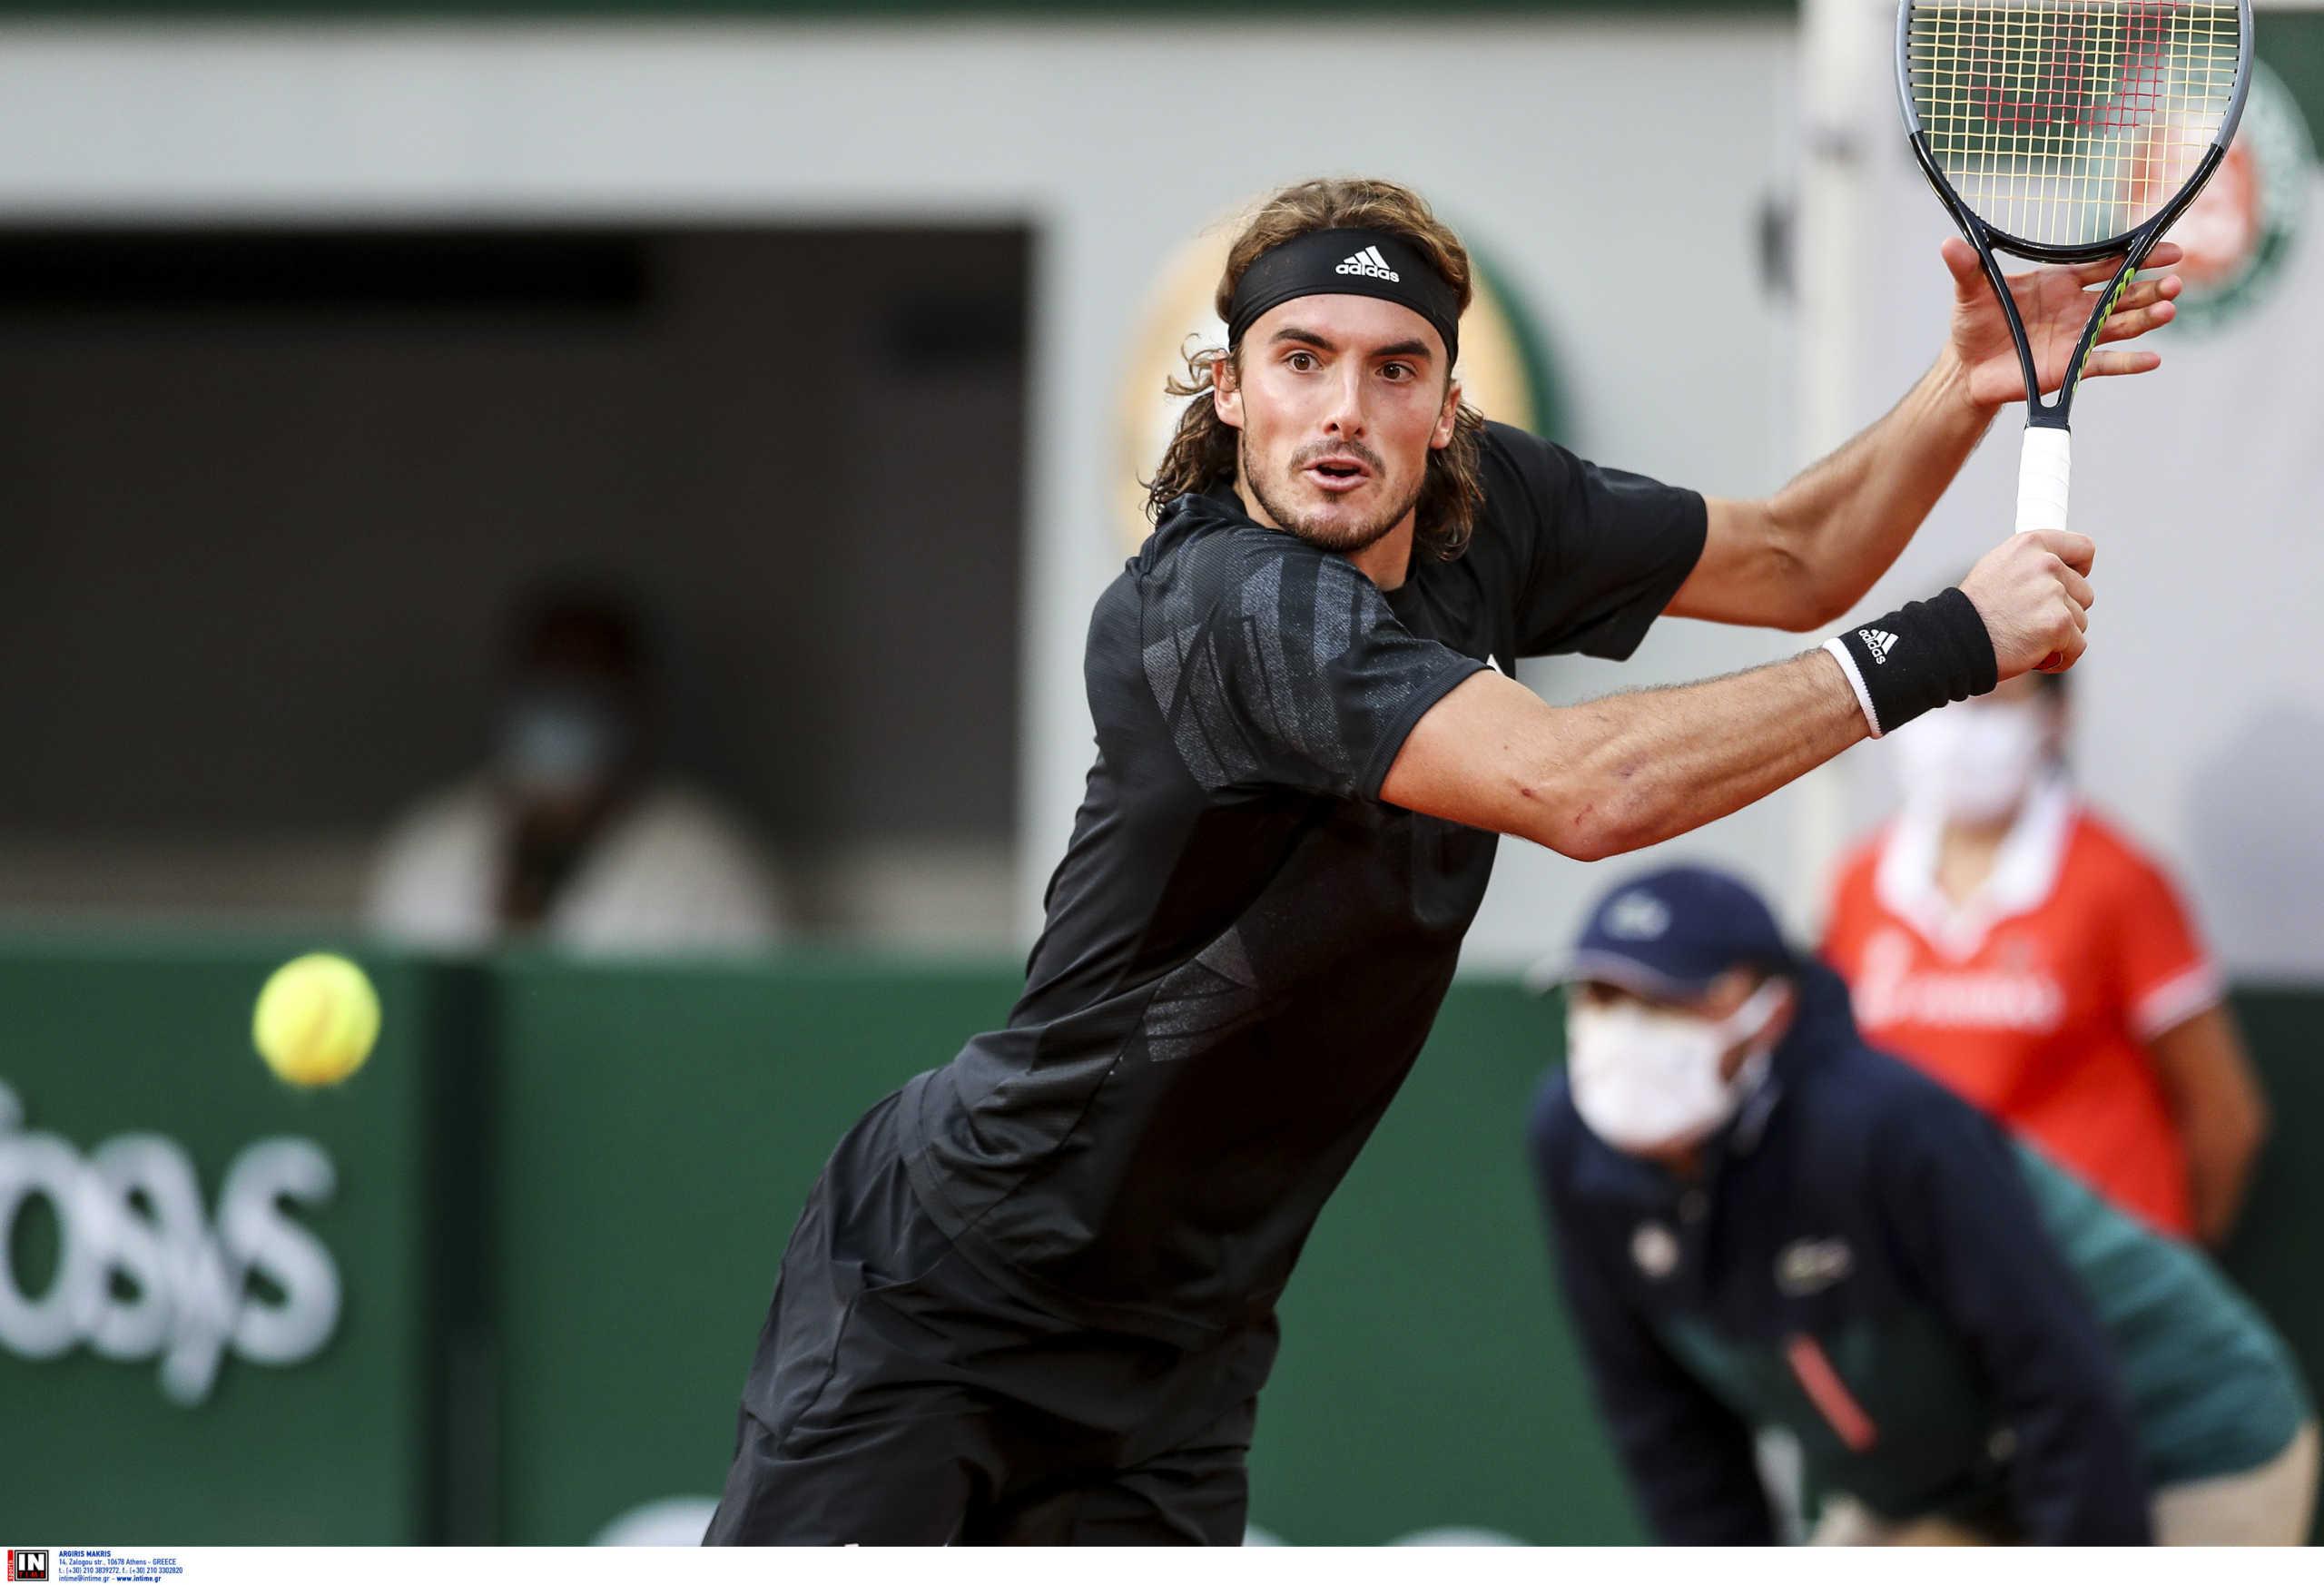 Κόντρα στον Τζόκοβιτς ο Τσιτσιπάς για μία θέση στον τελικό του Roland Garros